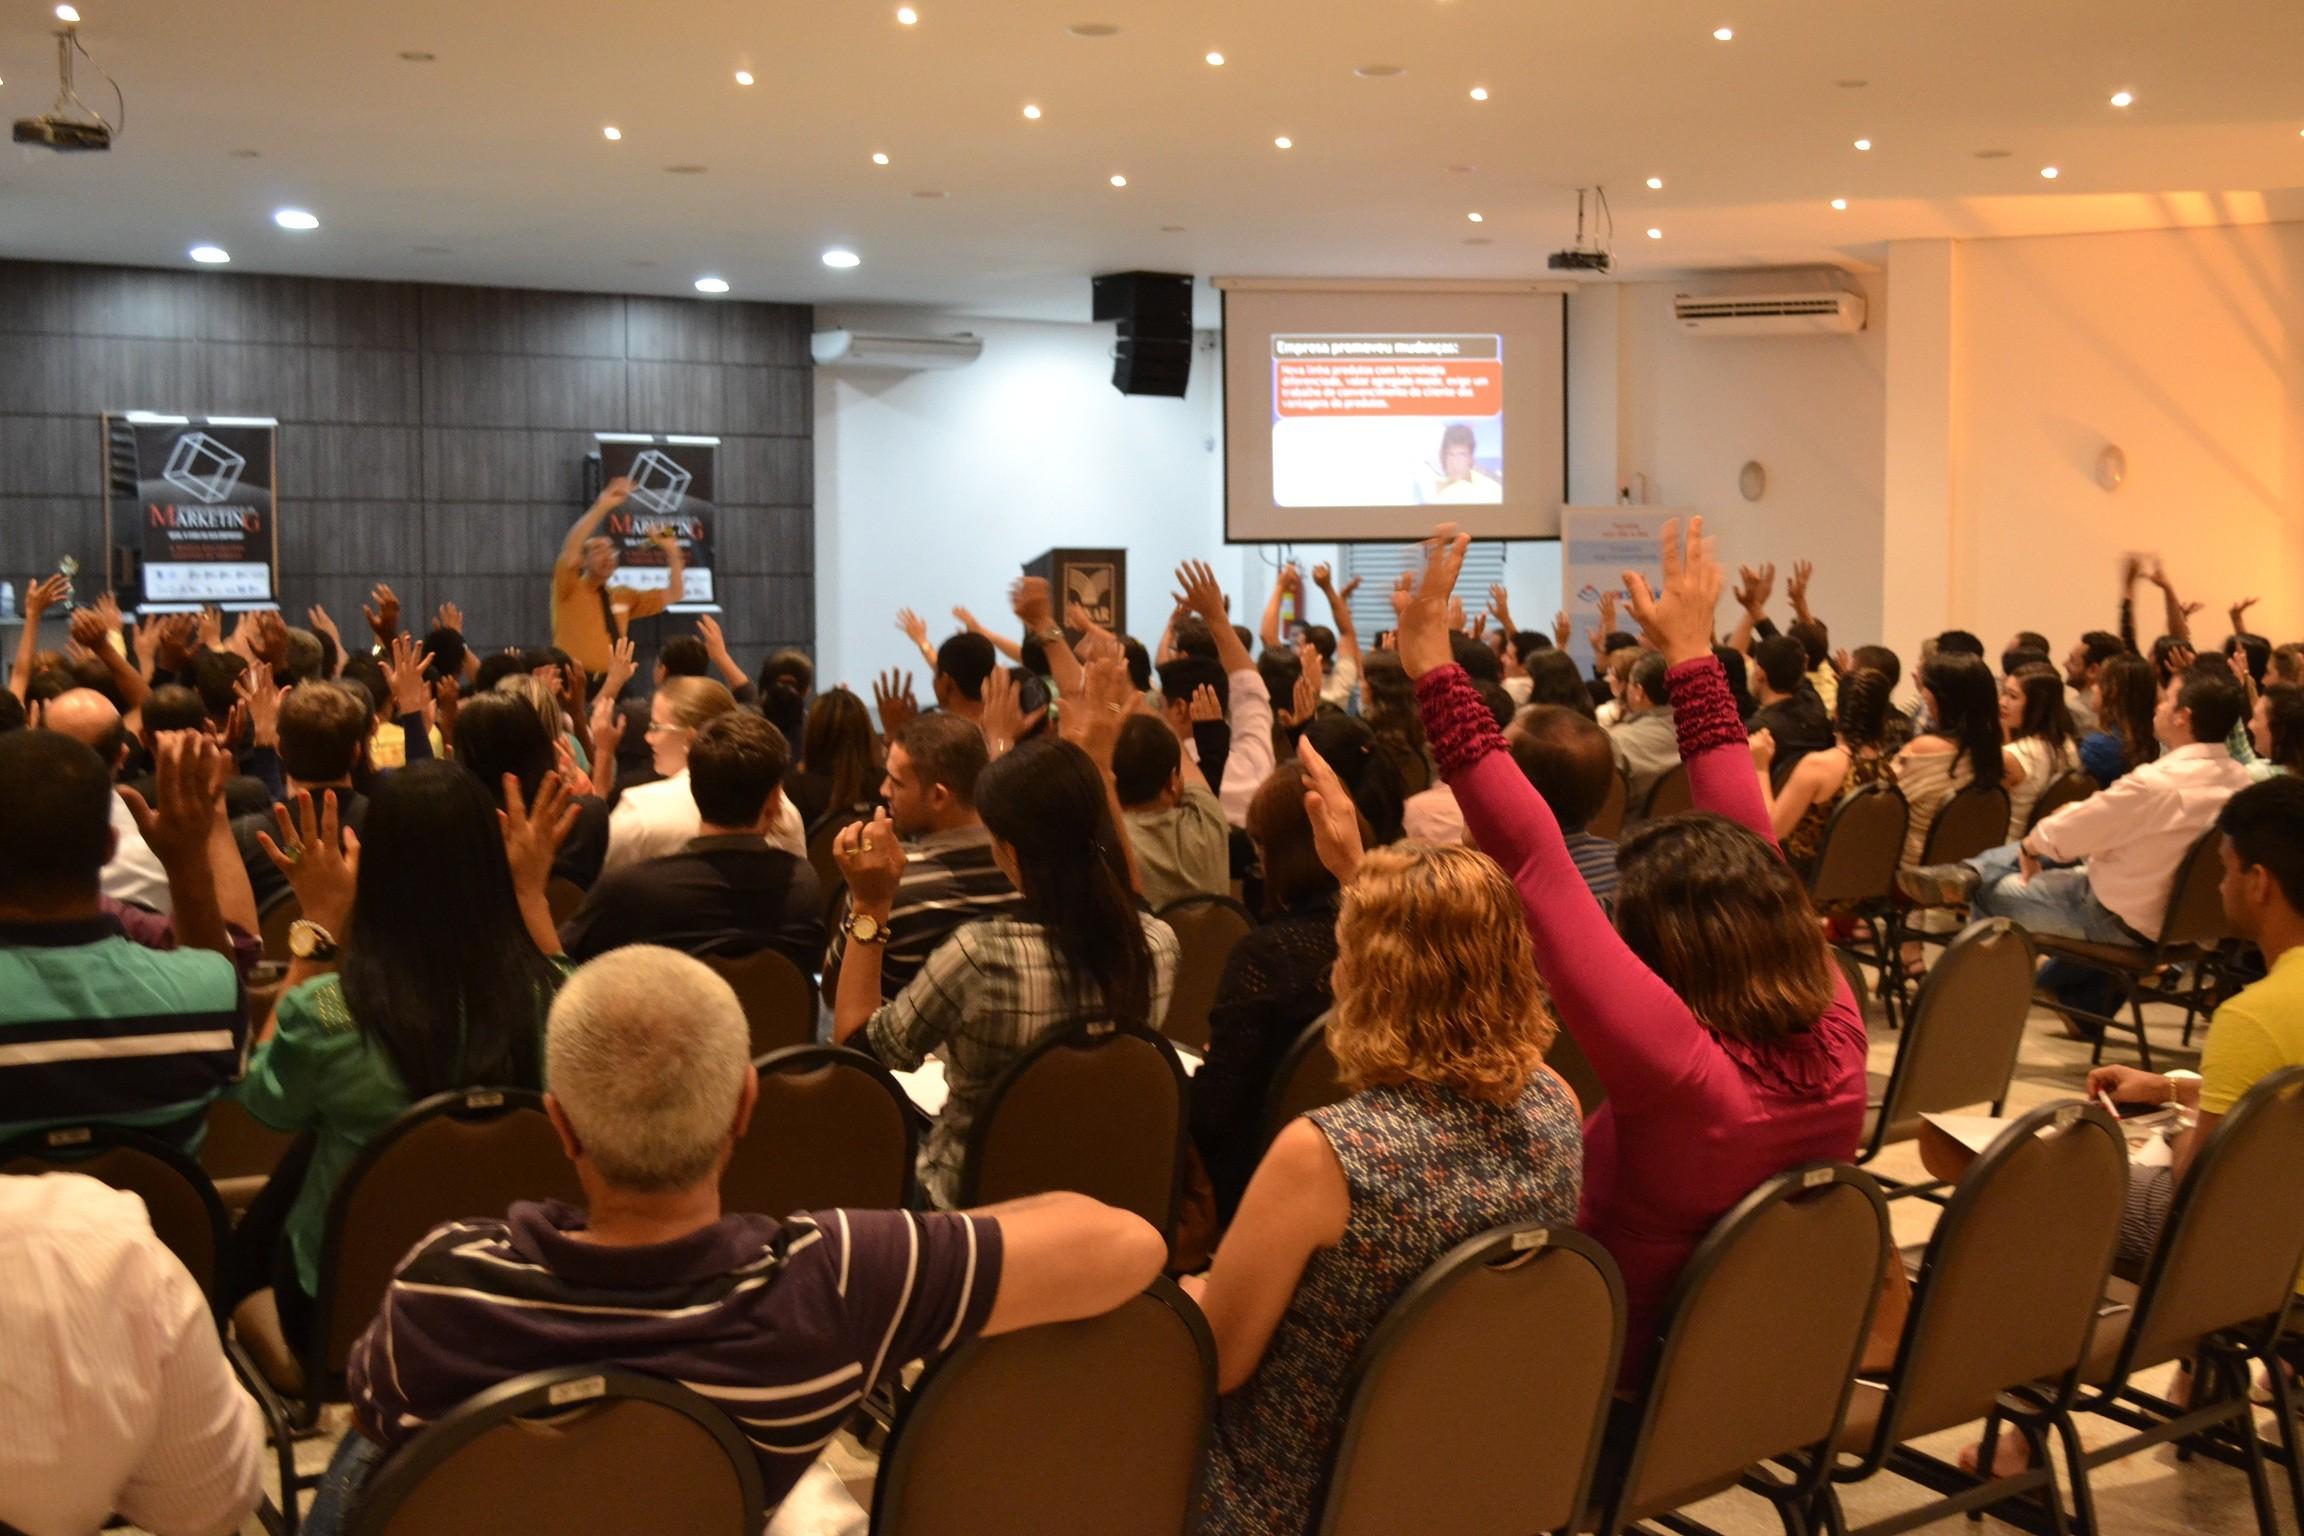 12ª edição do Seminário Regional de Marketing  (Foto: divulgação)